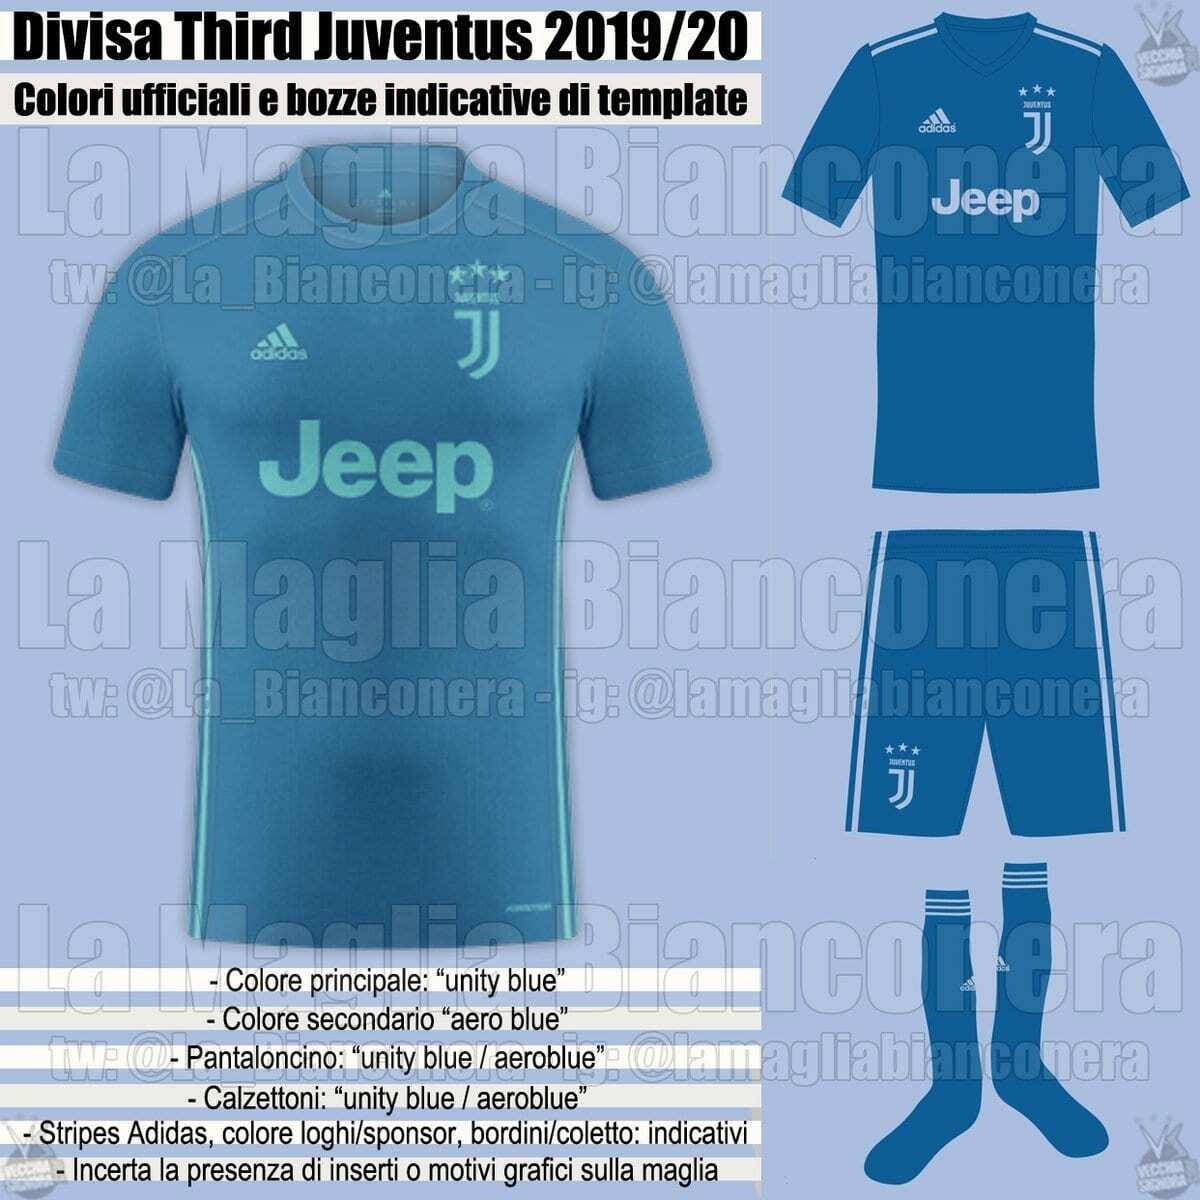 maglia juve 2020 - photo #27